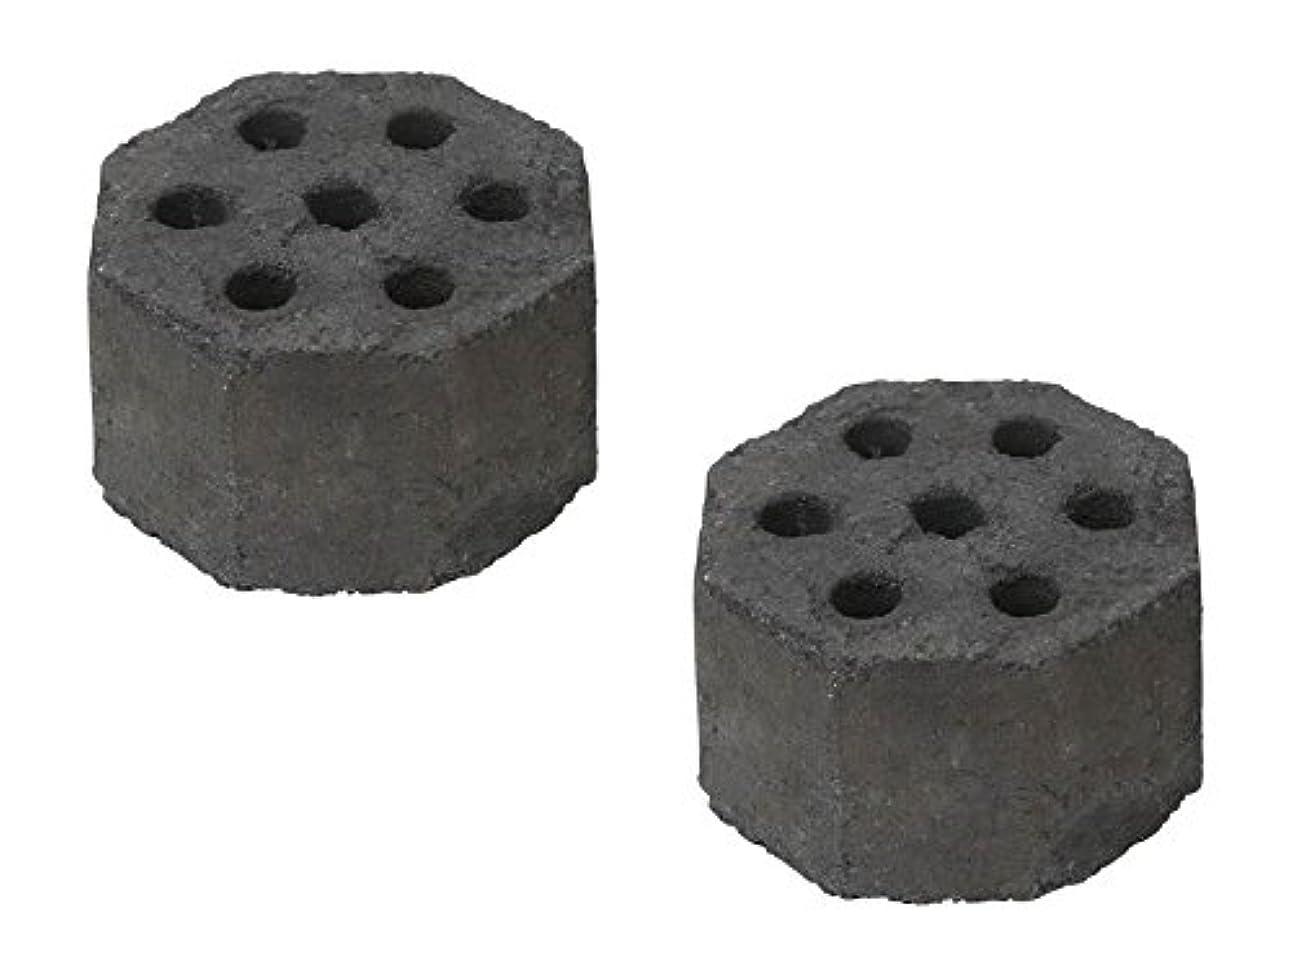 称賛に対処する方法論キャプテンスタッグ(CAPTAIN STAG) 成形炭 着火炭 炭 イージーチャコール ミニ 2個組 【UG-34/43/44カマドスマートグリルB6適応】 UJ-511